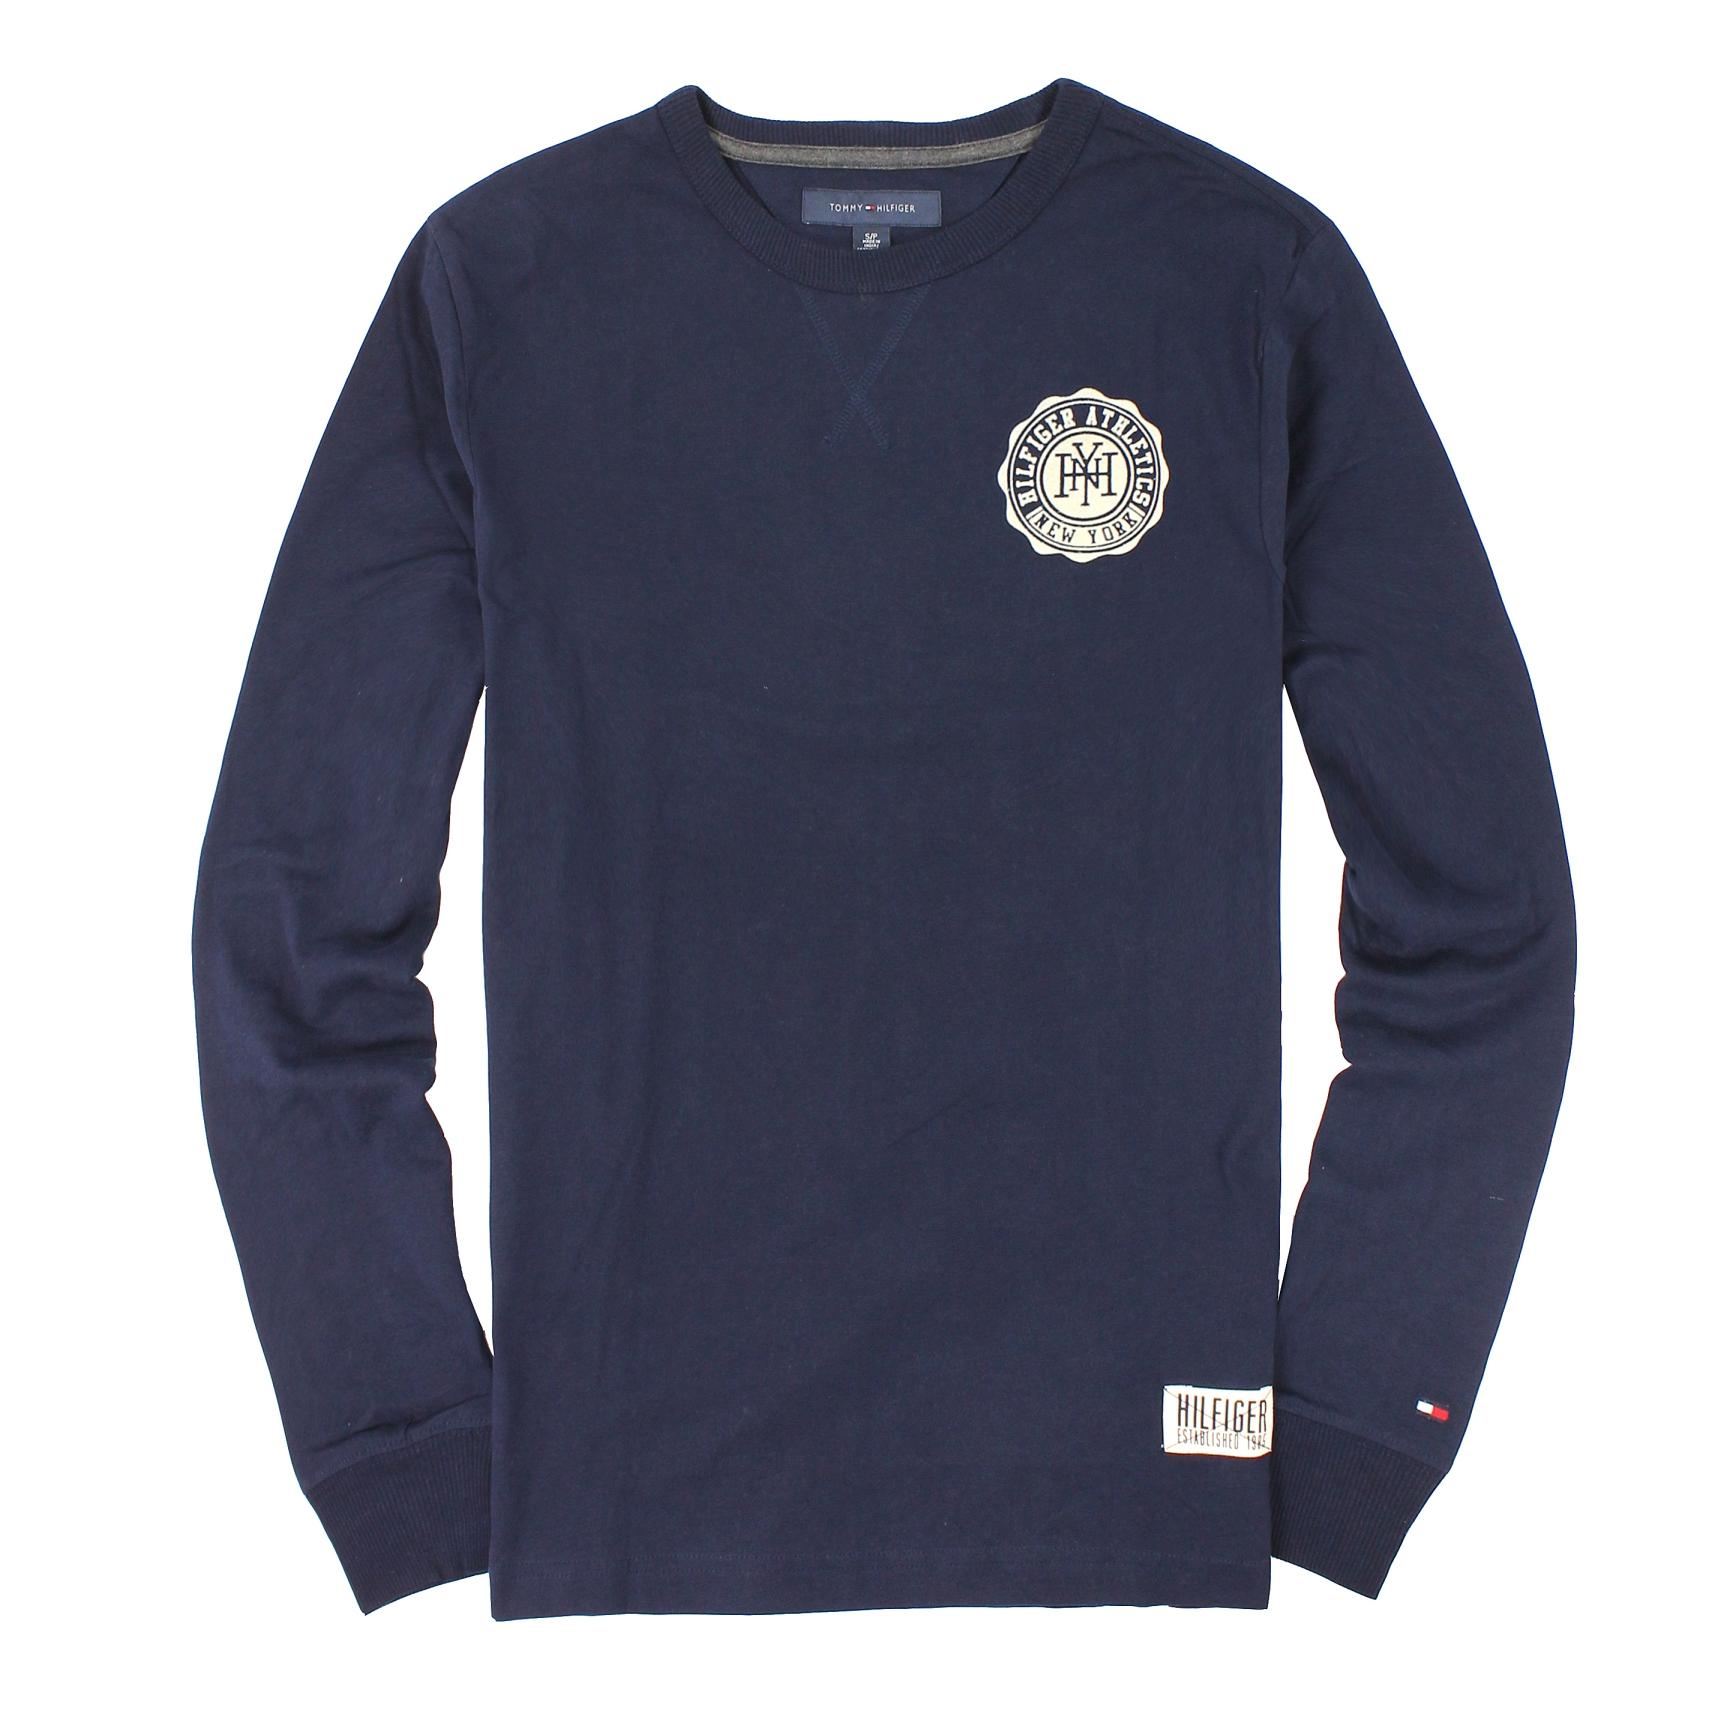 美國百分百【全新真品】Tommy Hilfiger T恤 TH 長袖 T-shirt 上衣 深藍 Logo 假V領 麂皮 男 S M號